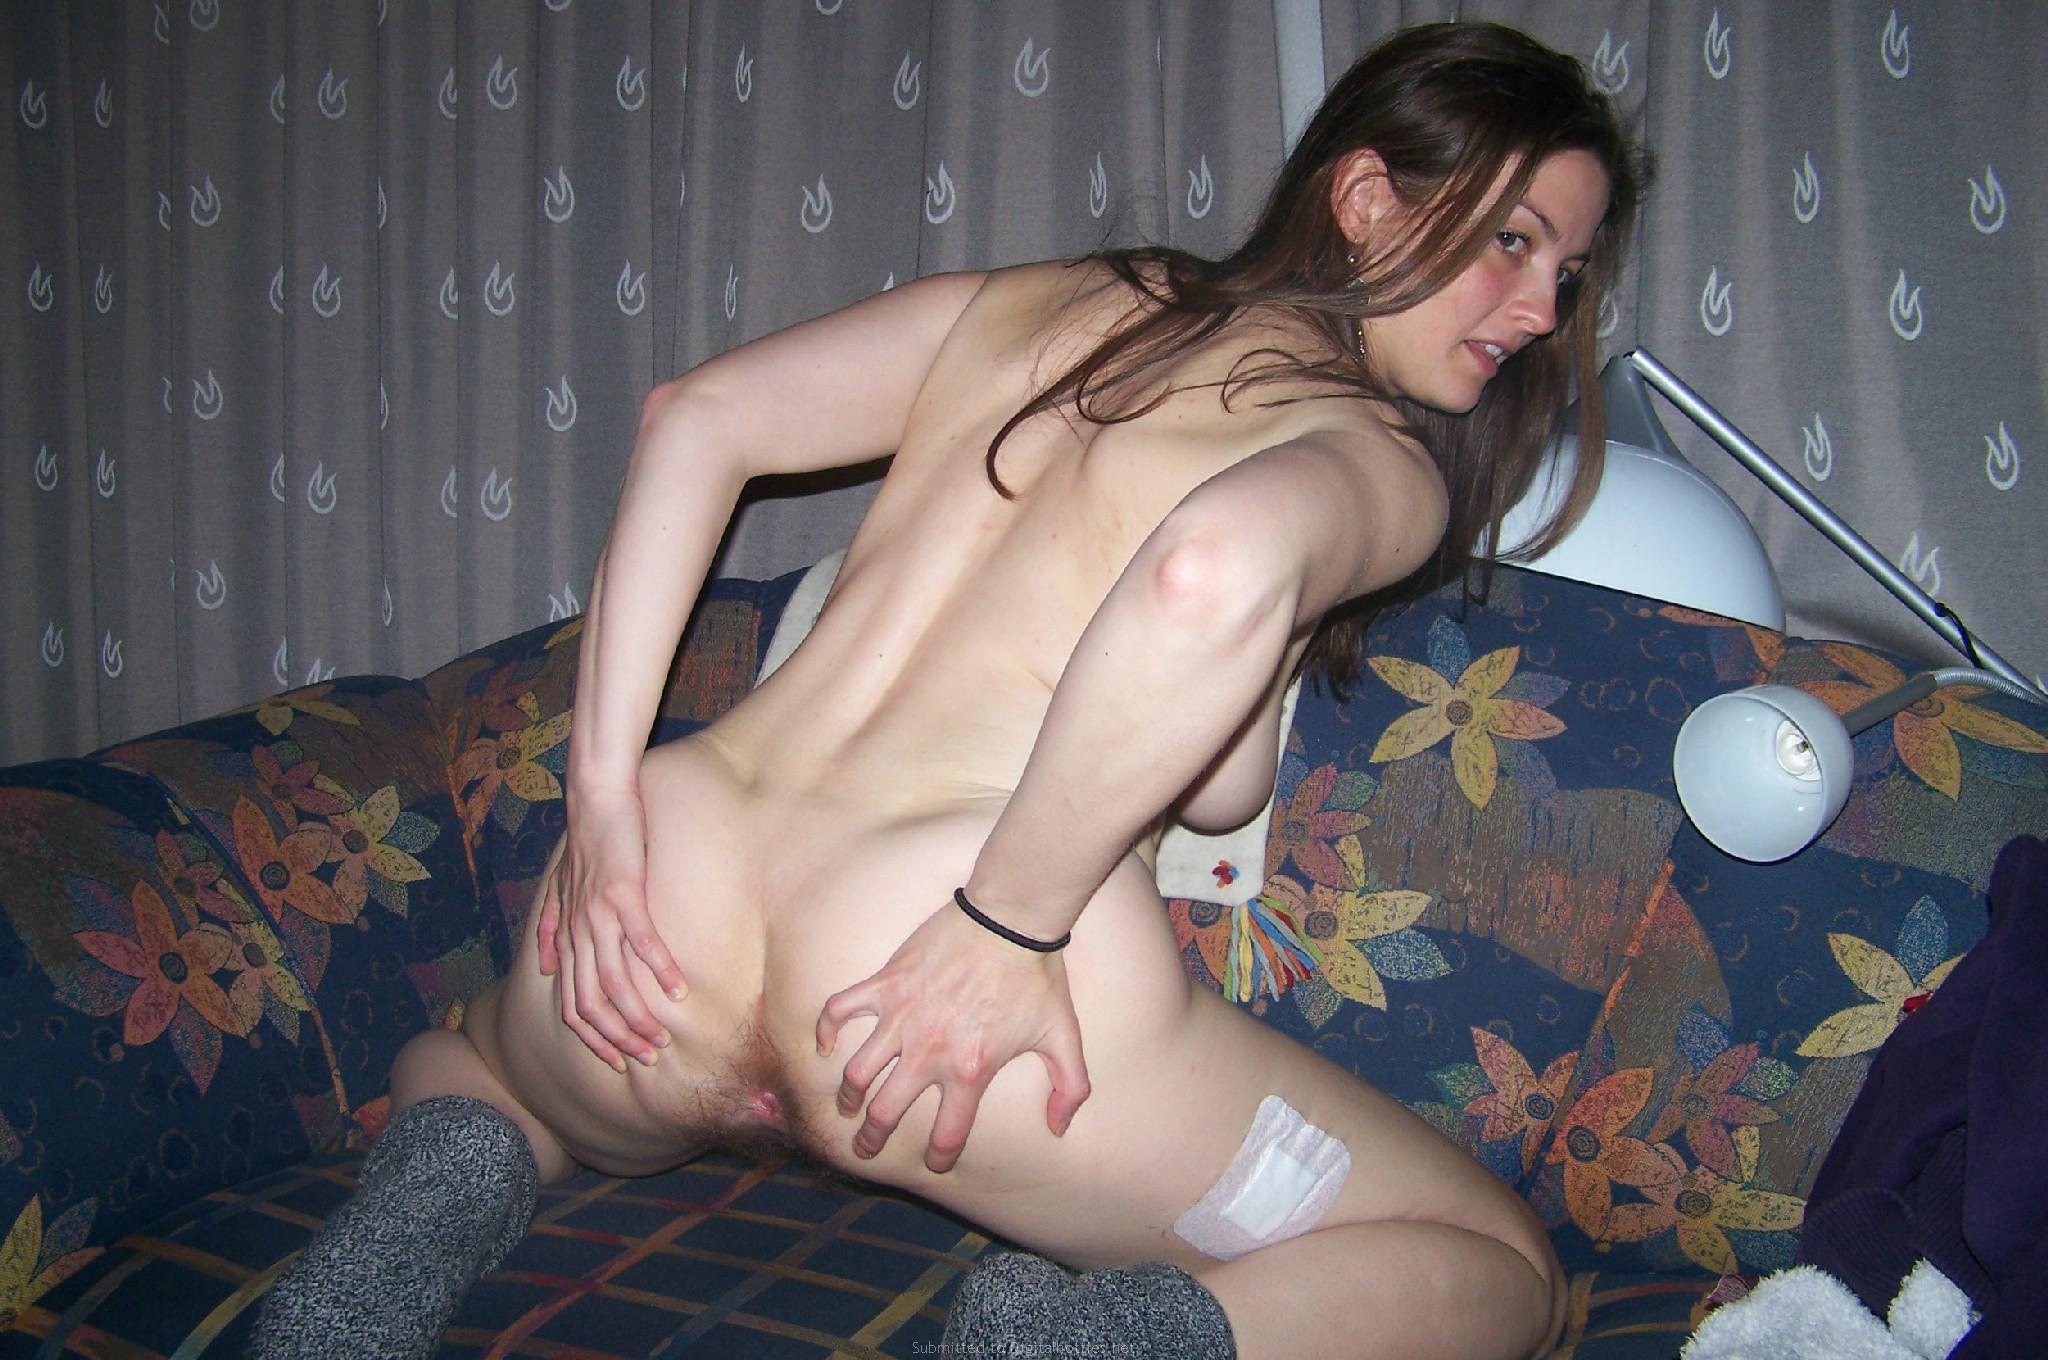 все домашняя порнуха сельских девчат заметил